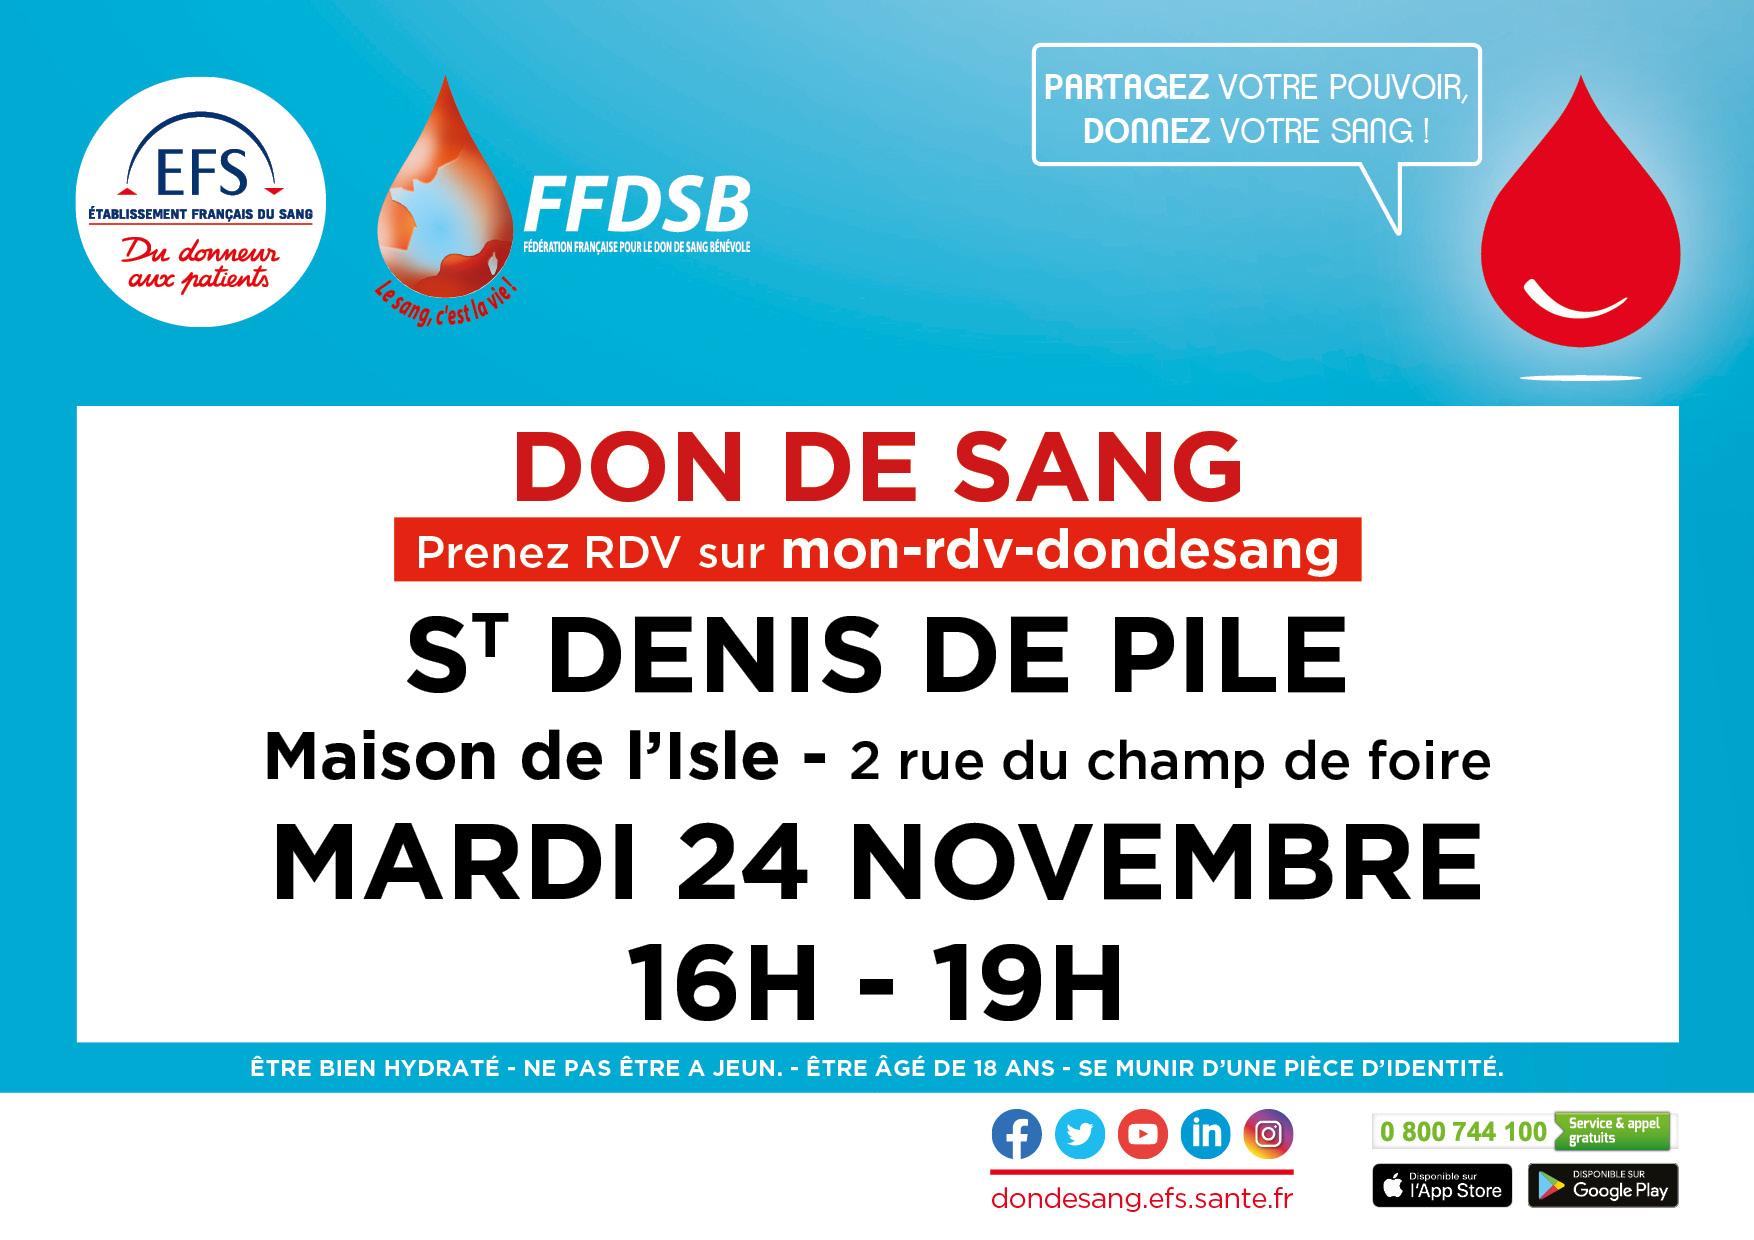 DON DU SANG LIBOUNE  le 14 Aout 2020